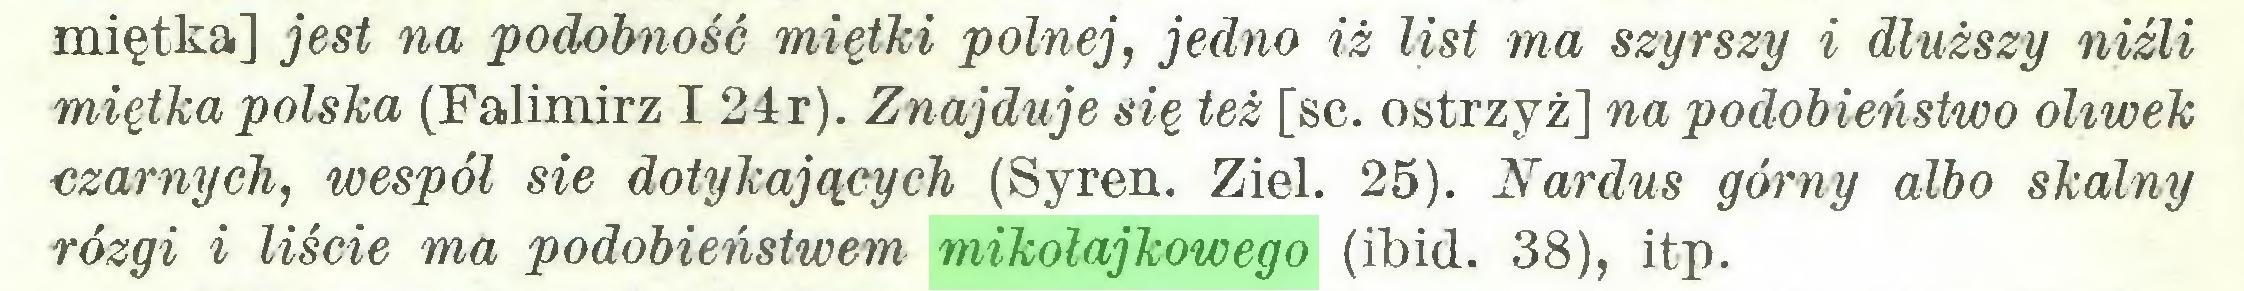 (...) miętka] jest na podobność miętki polnej, jedno iż list ma szyrszy i dłuższy niźli miętka polska (Falimirz I 24r). Znajduje się też [sc. ostrzyż] na podobieństwo oliwek czarnych, wespół sie dotykających (Syren. Ziel. 25). Nardus górny albo skalny rózgi i liście ma podobieństwem mikołajkowego (ibid. 38), itp...